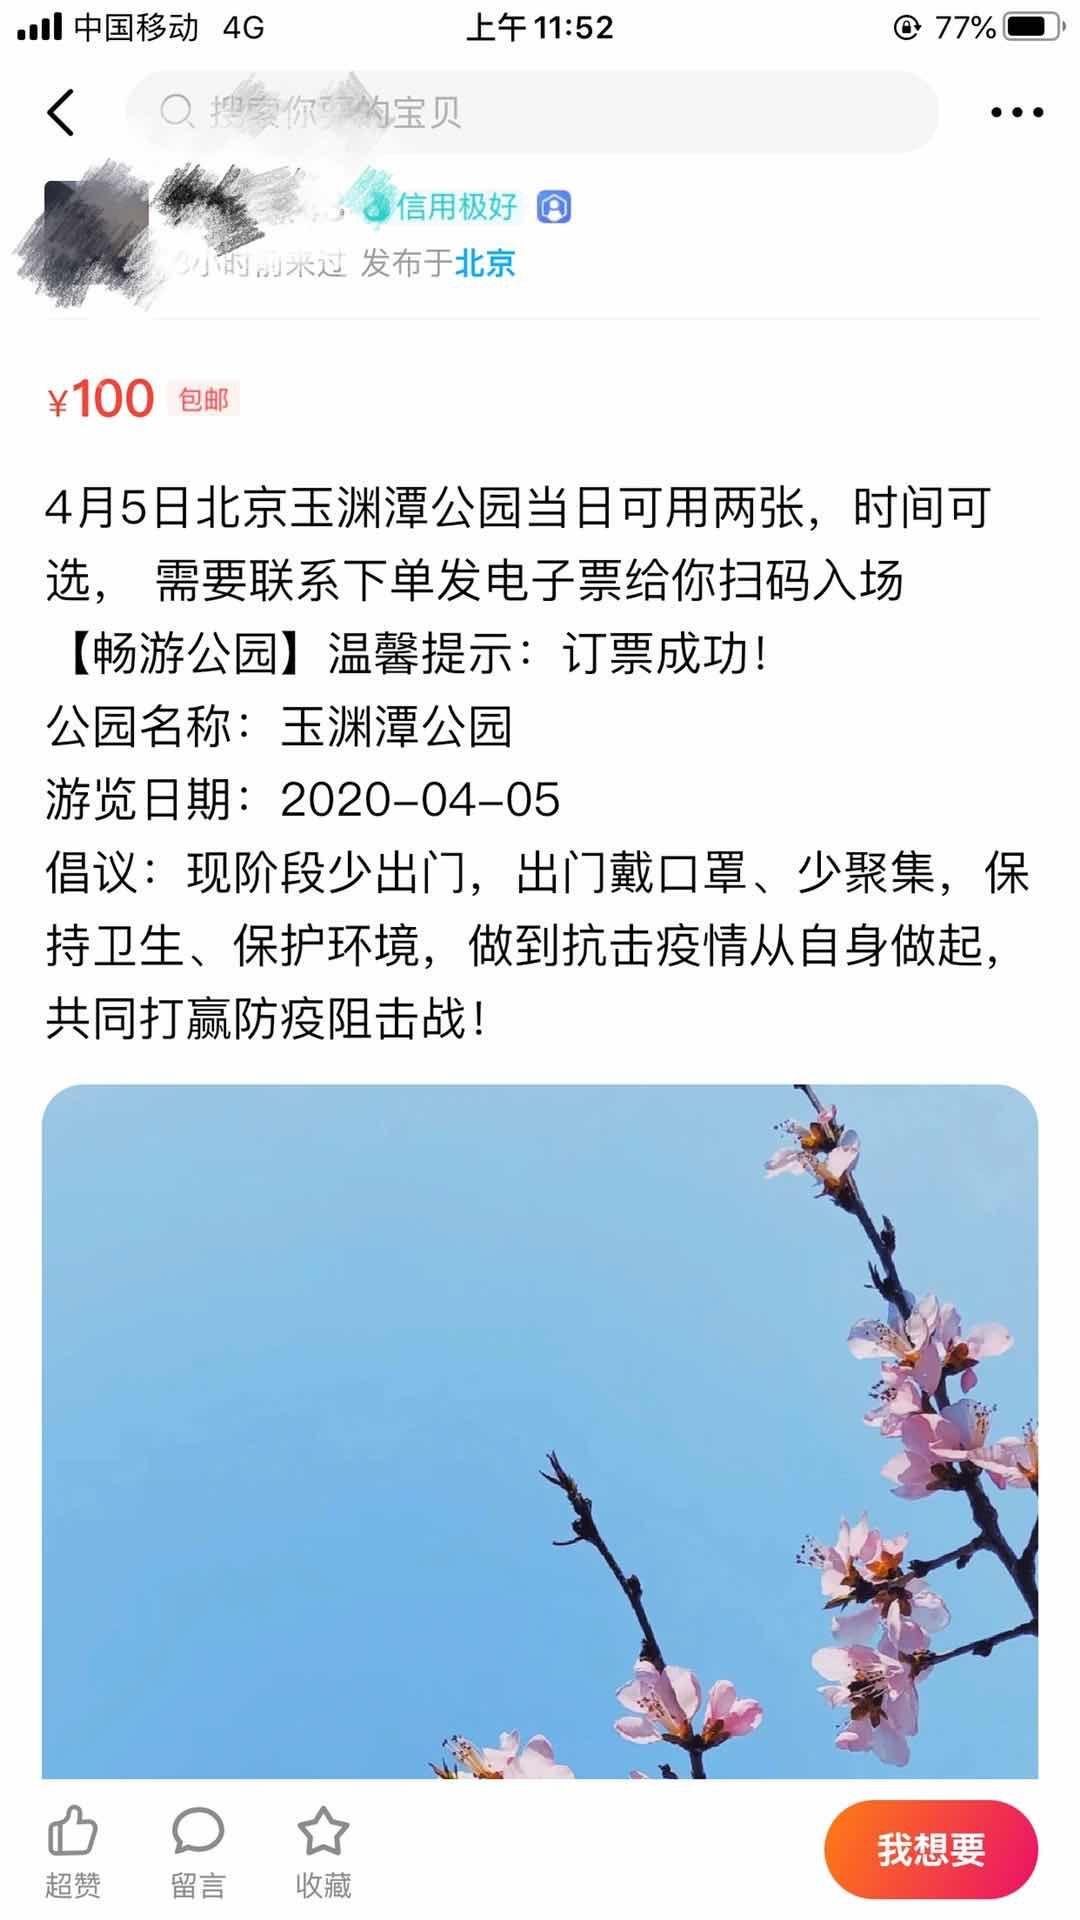 网络平台高价倒卖玉渊潭门票,三人被行政拘留图片